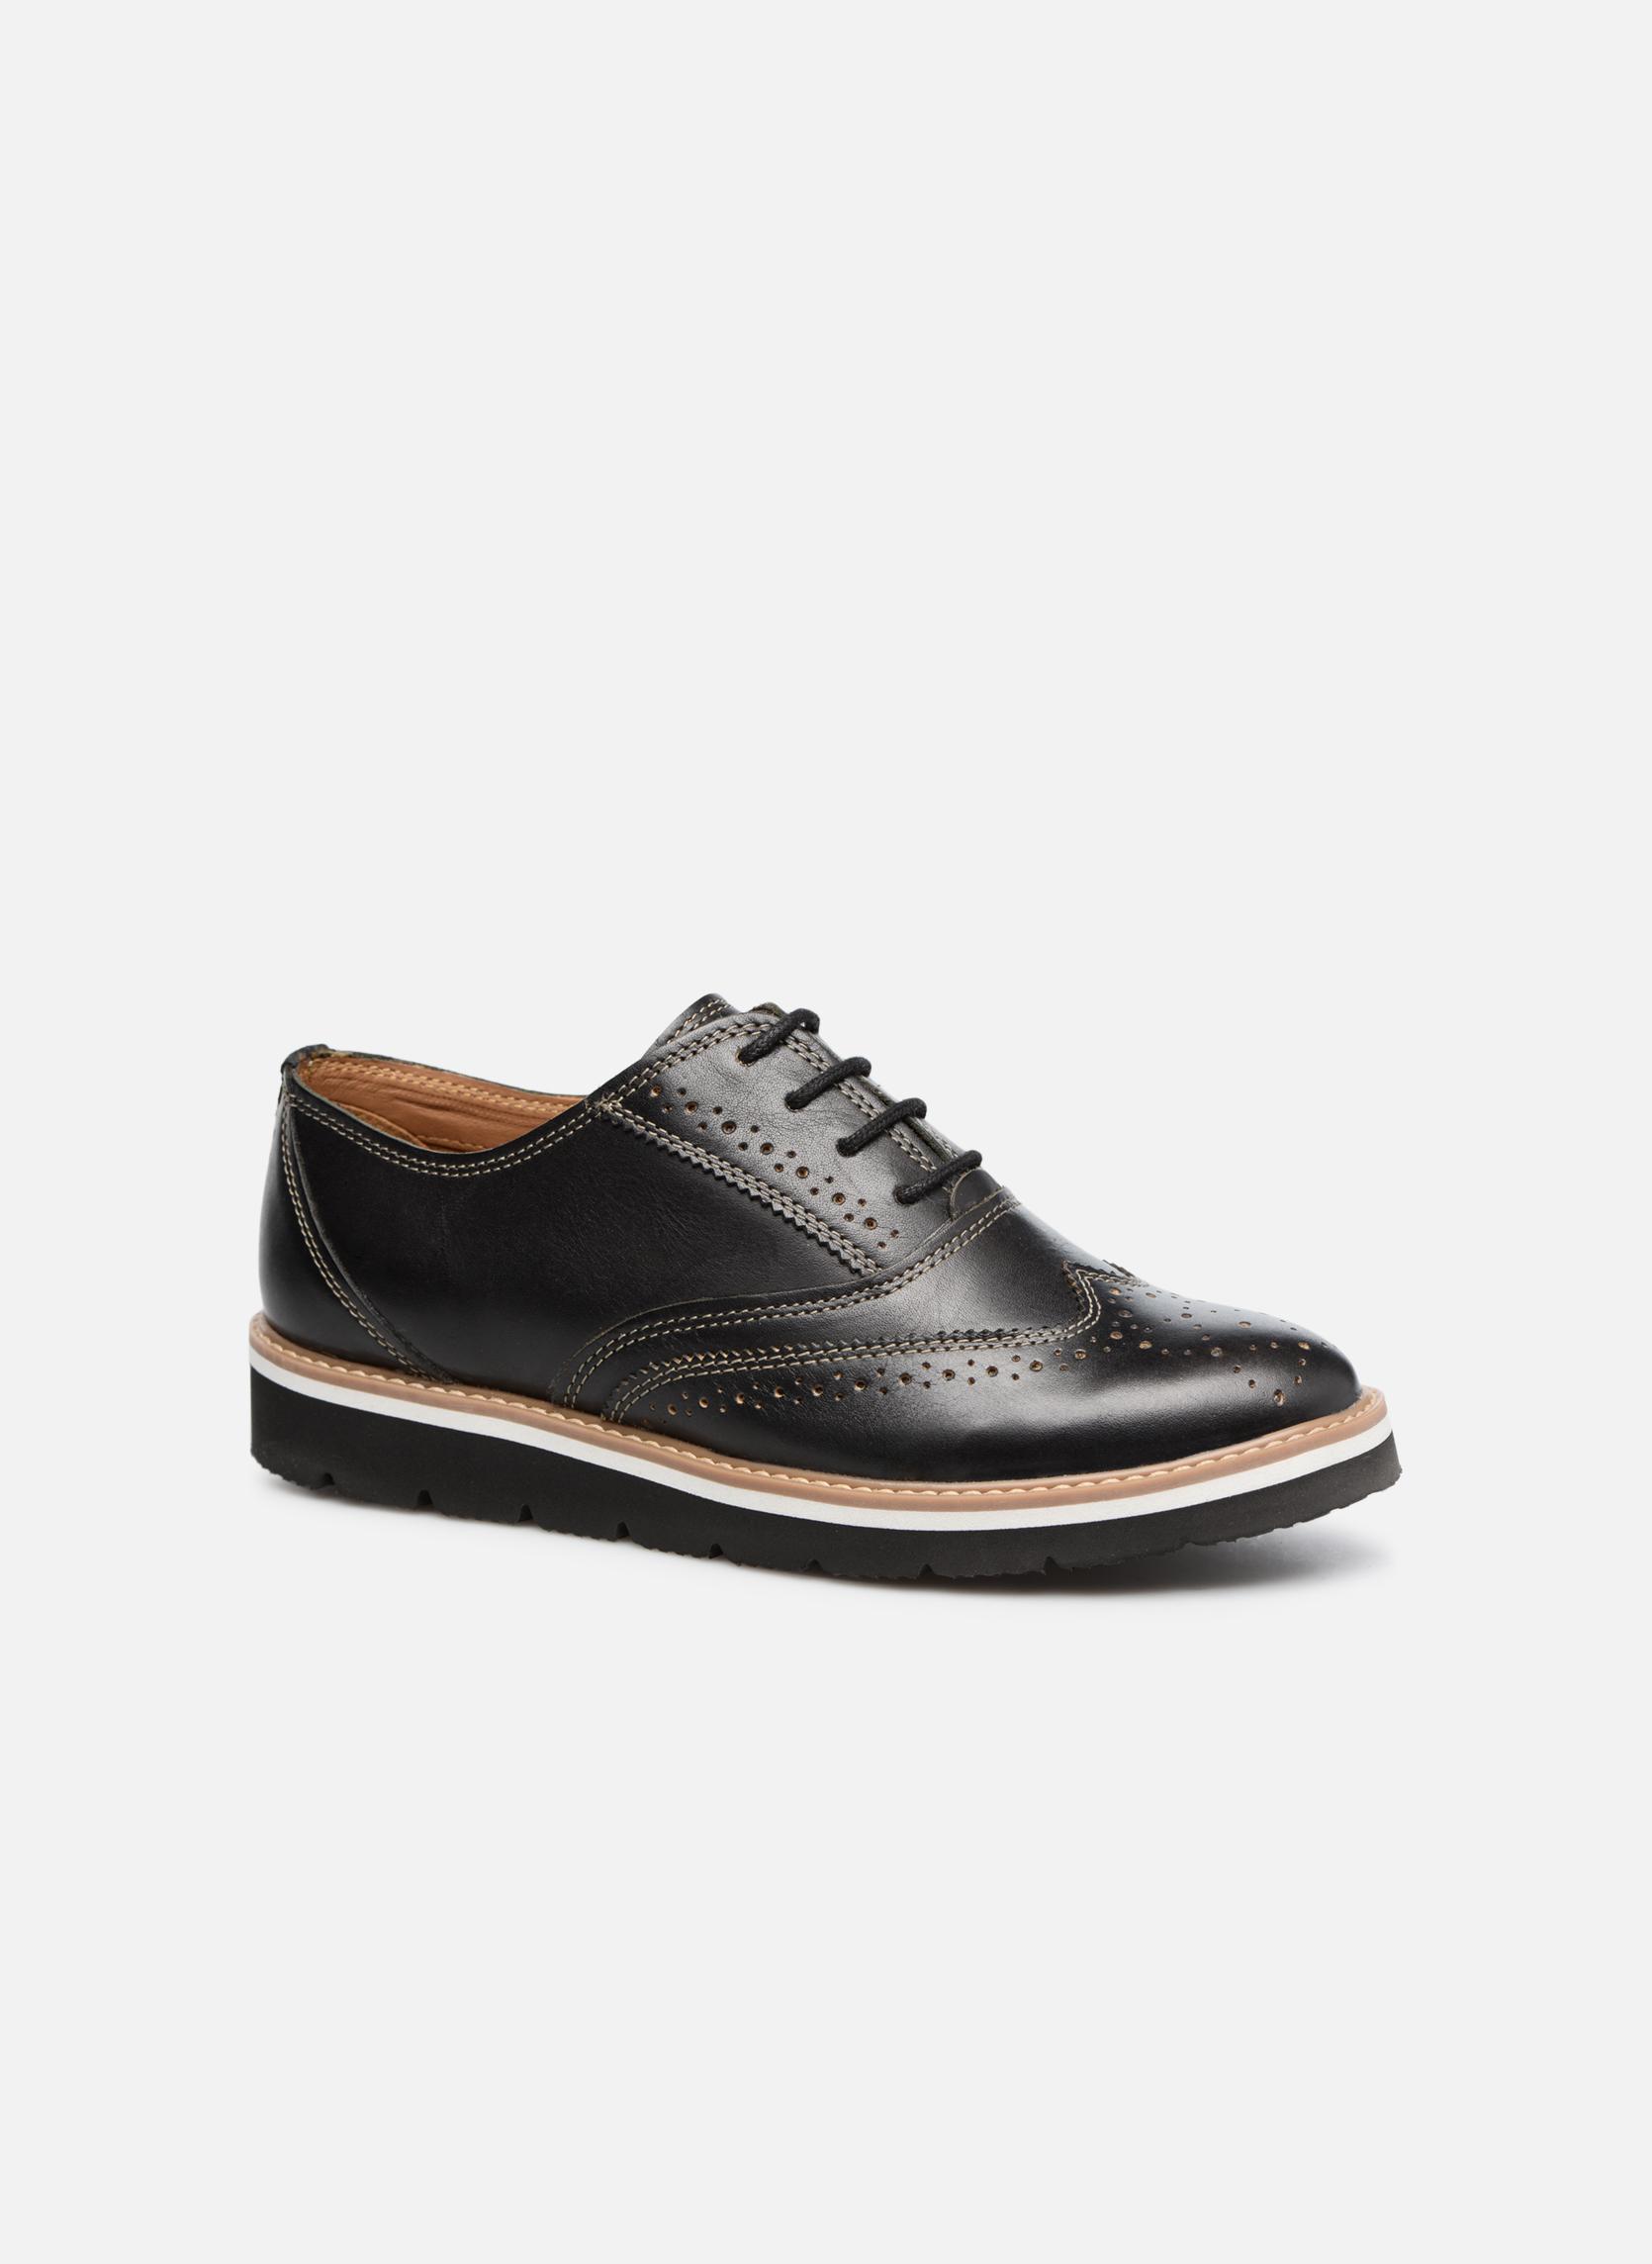 Grandes Calissa descuentos últimos zapatos TBS Calissa Grandes (Negro) - Zapatos con cordones Descuento 863023